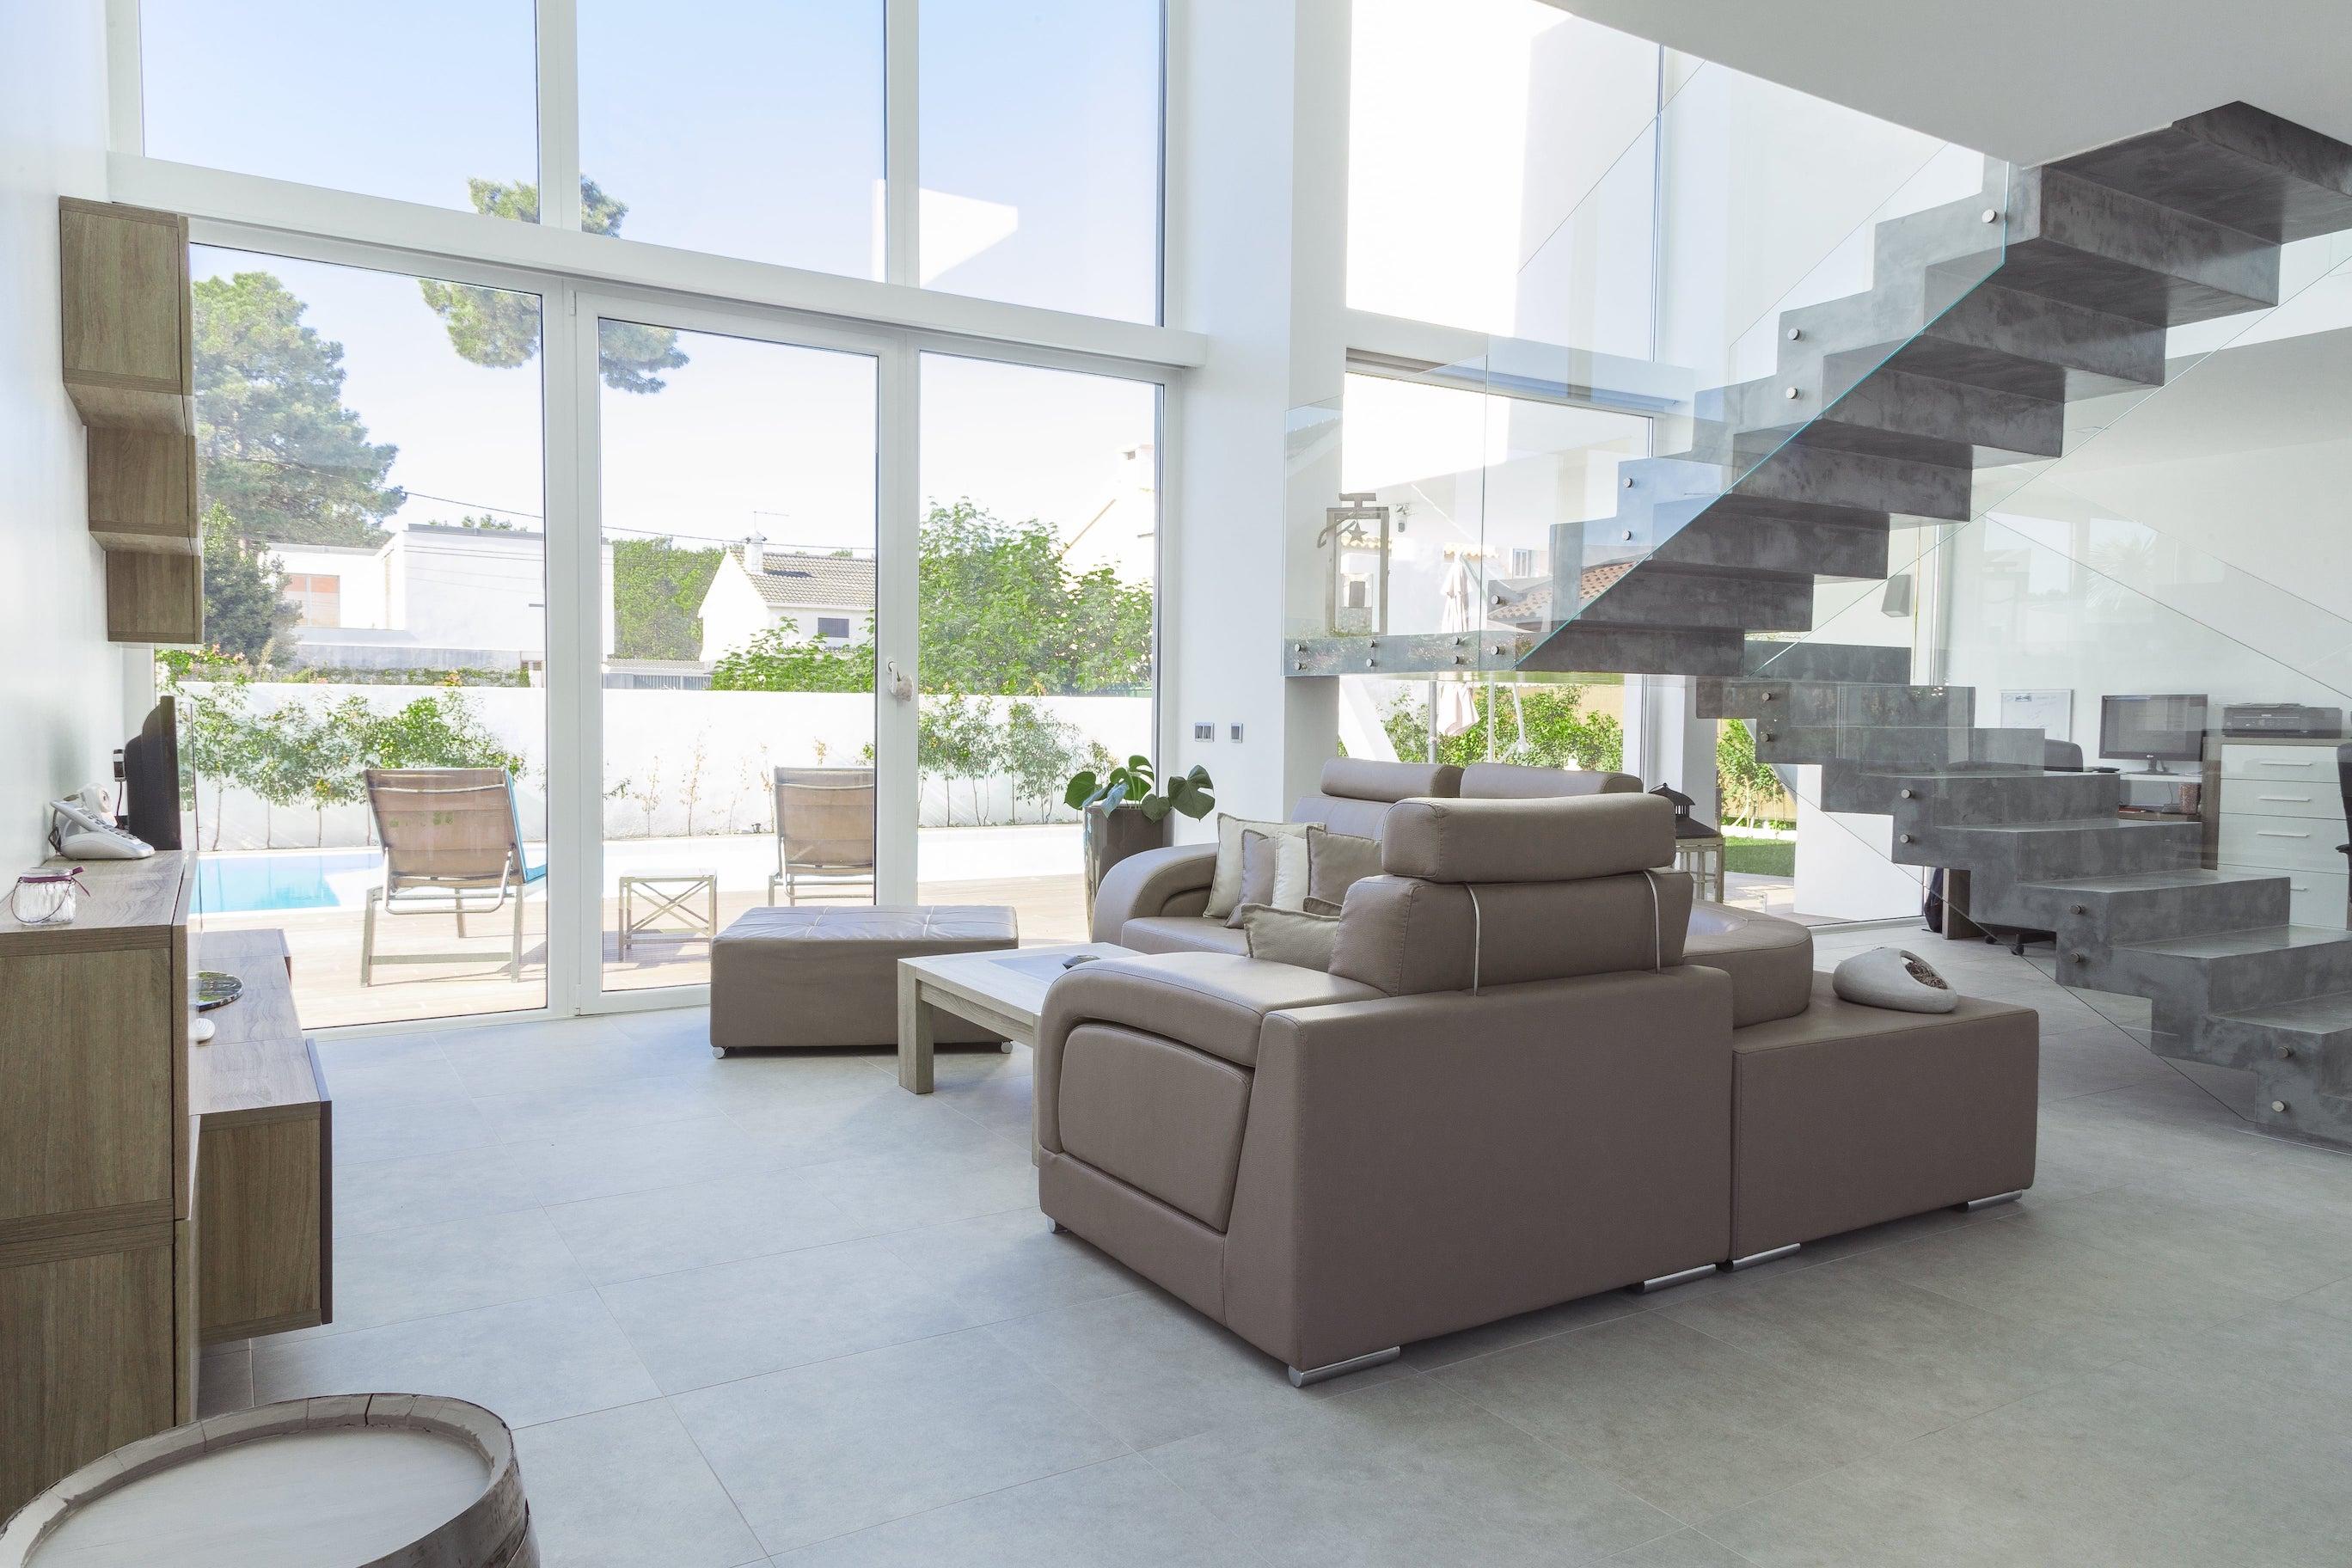 accompagnement pour construire une maison au portugal. Black Bedroom Furniture Sets. Home Design Ideas